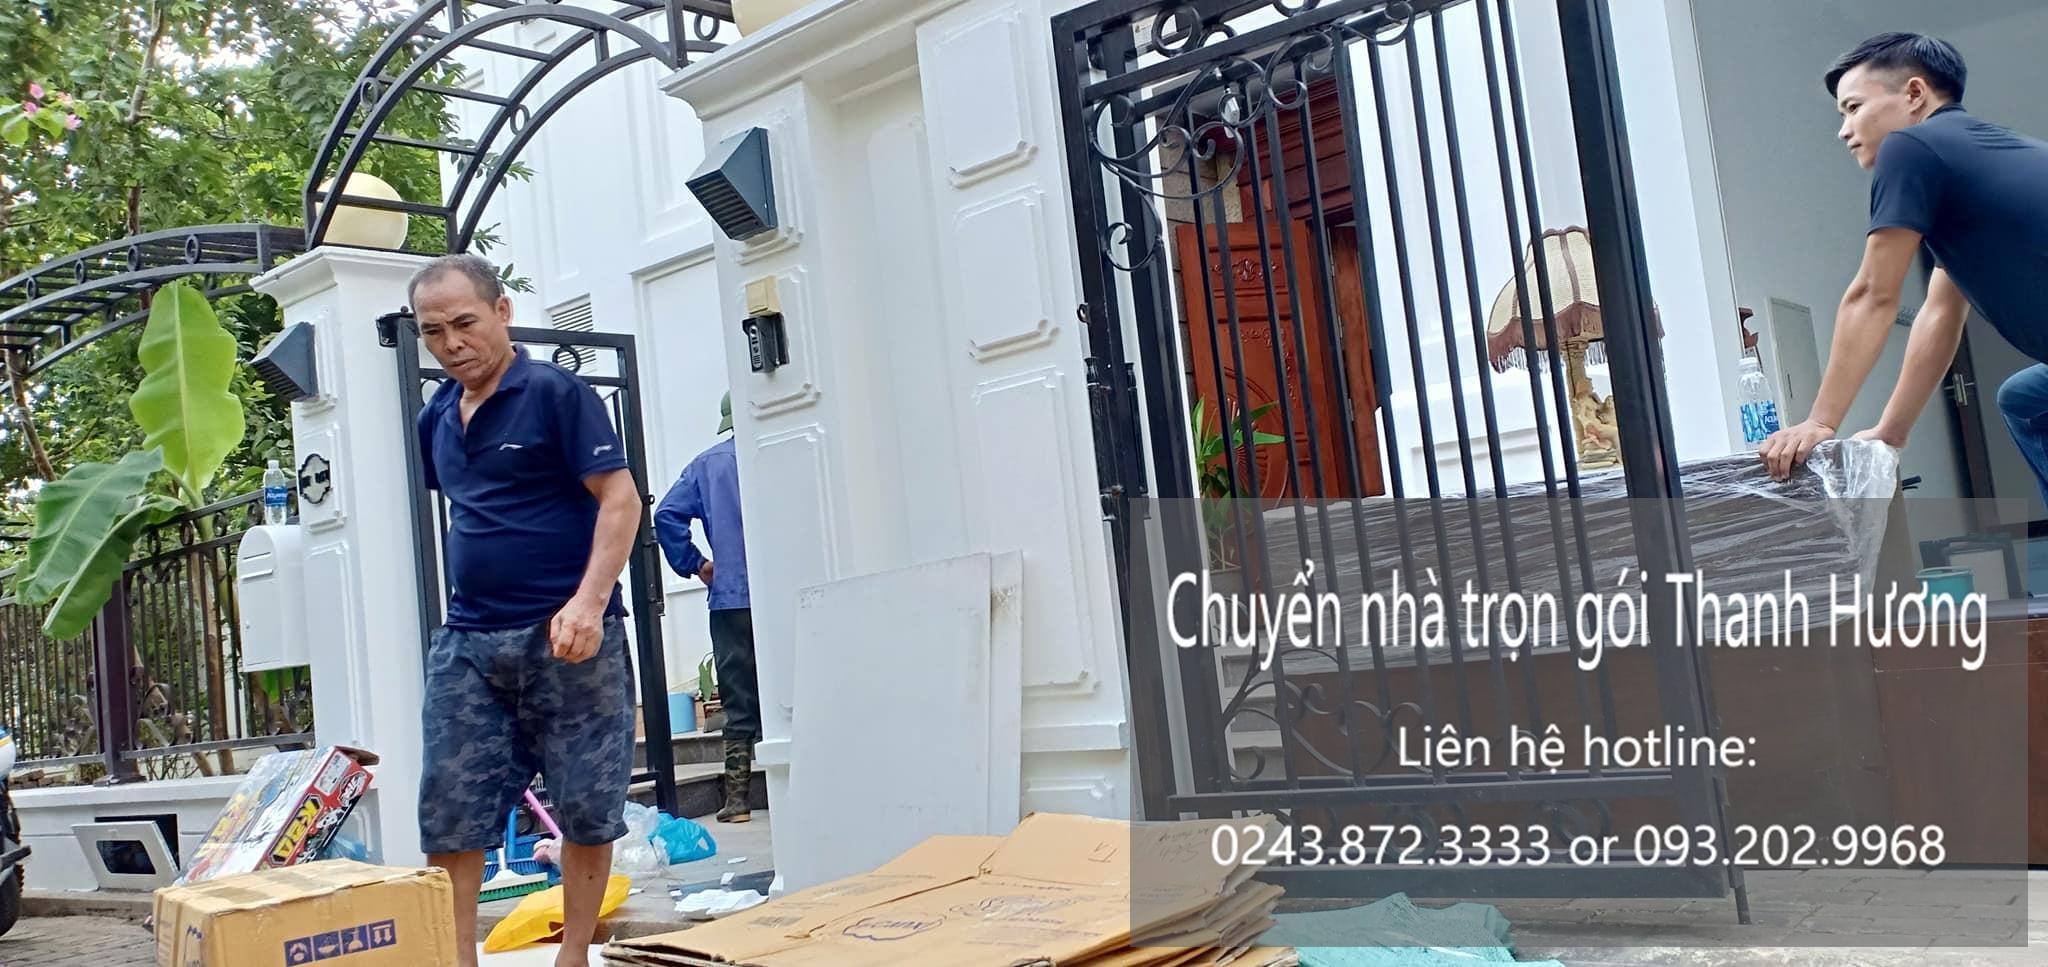 Dịch vụ chuyển nhà trọn gói 365 tại phố Hồng Hà